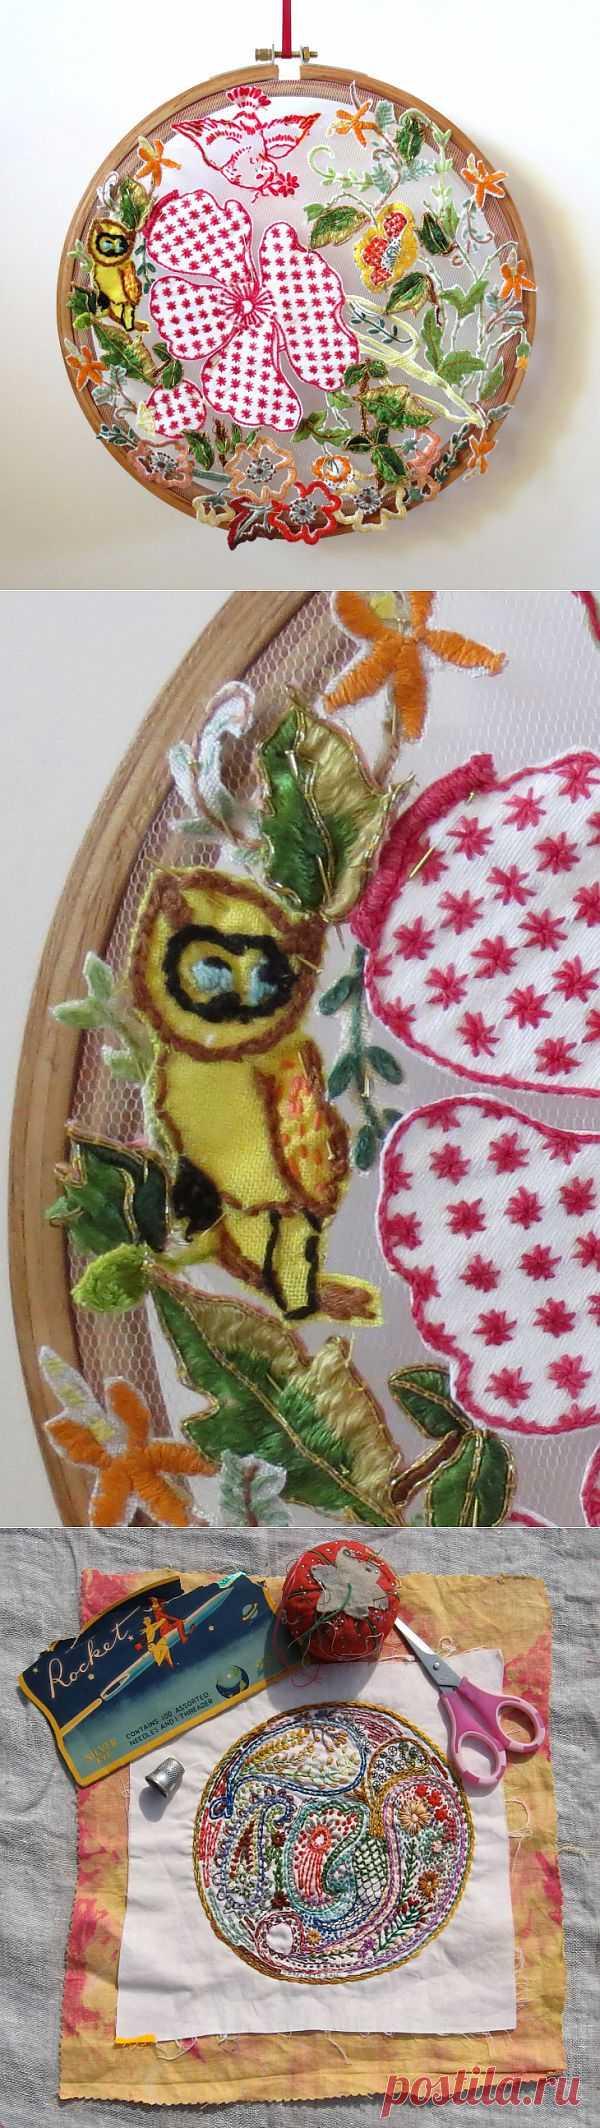 Вышивка на пяльцах (подборка) / Вышивка / Модный сайт о стильной переделке одежды и интерьера